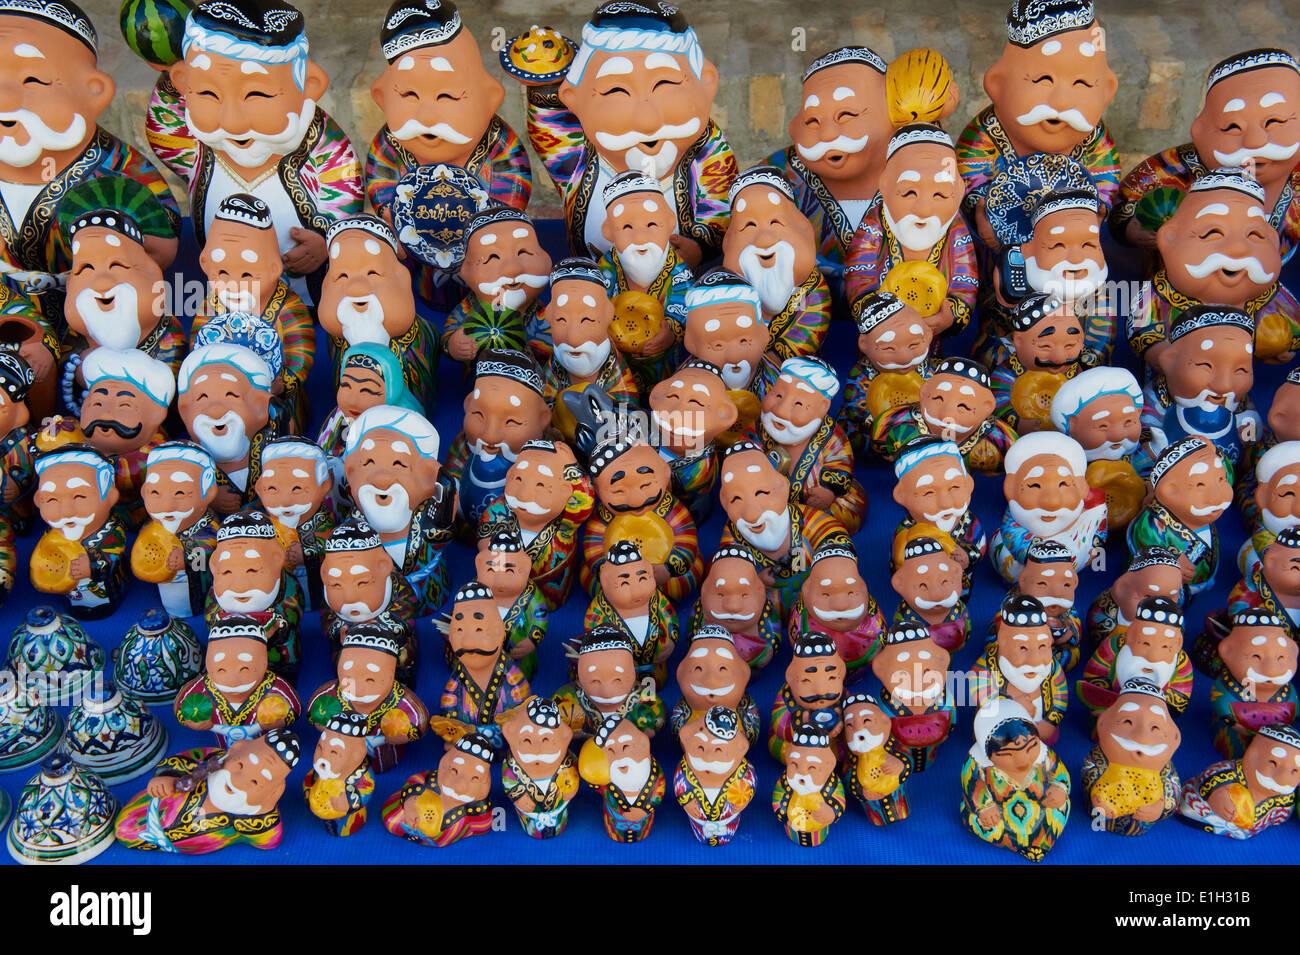 L'Ouzbékistan, Boukhara, patrimoine mondial de l'UNESCO, de l'artisanat pour les touristes Photo Stock